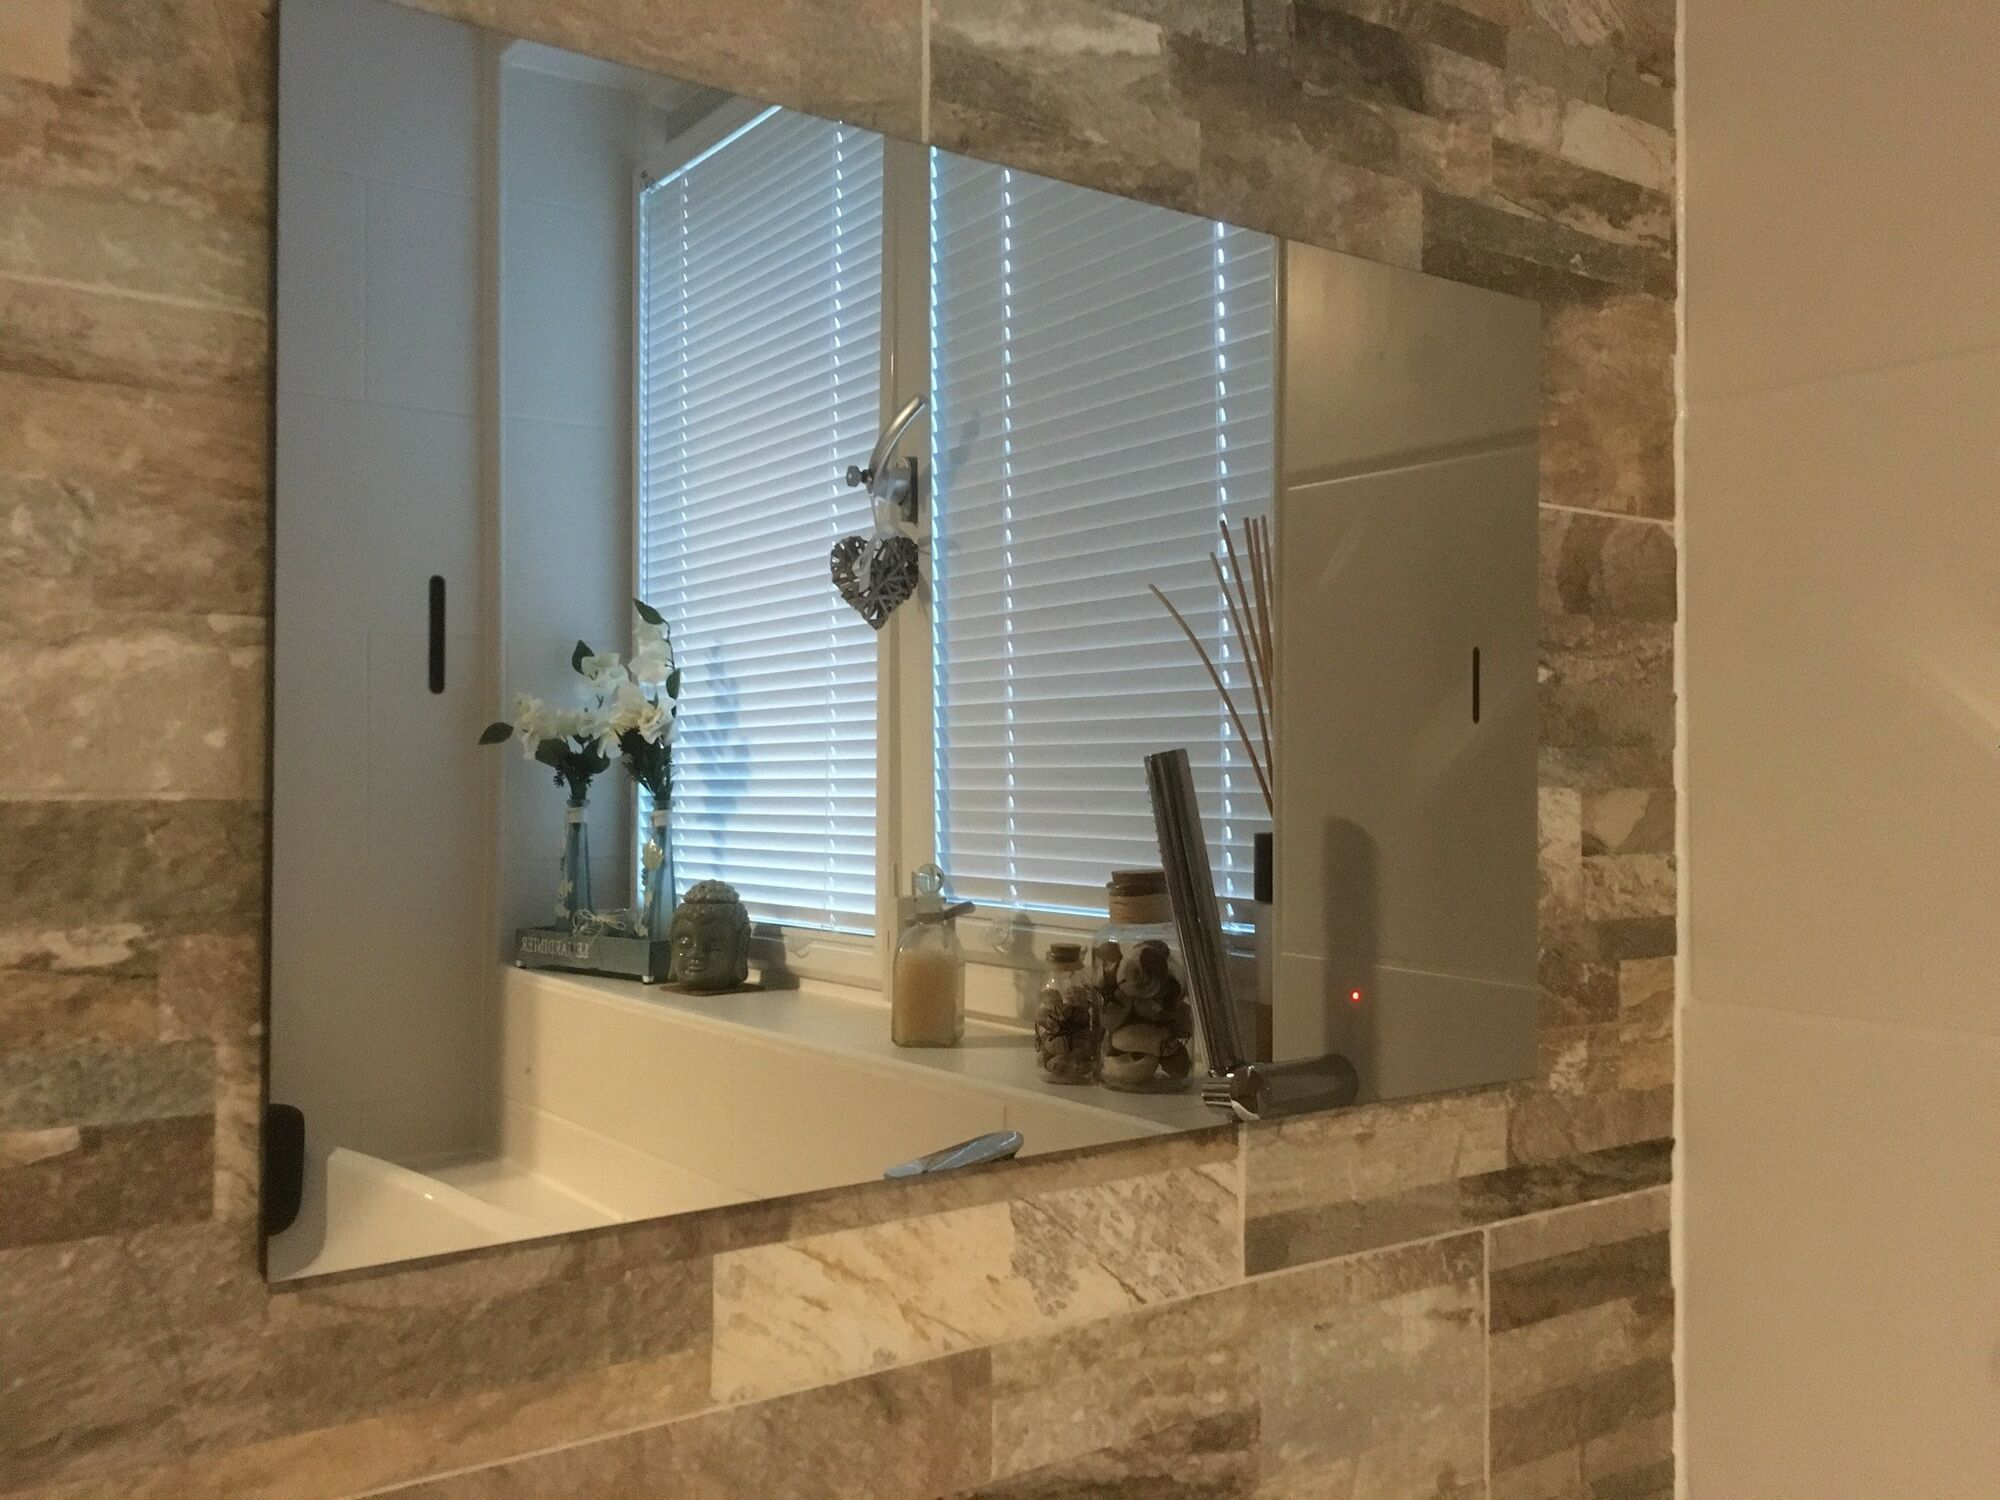 Badkamer led tv 17 inch met dvb c en dvb s2 tuner voor for Tv voor in badkamer